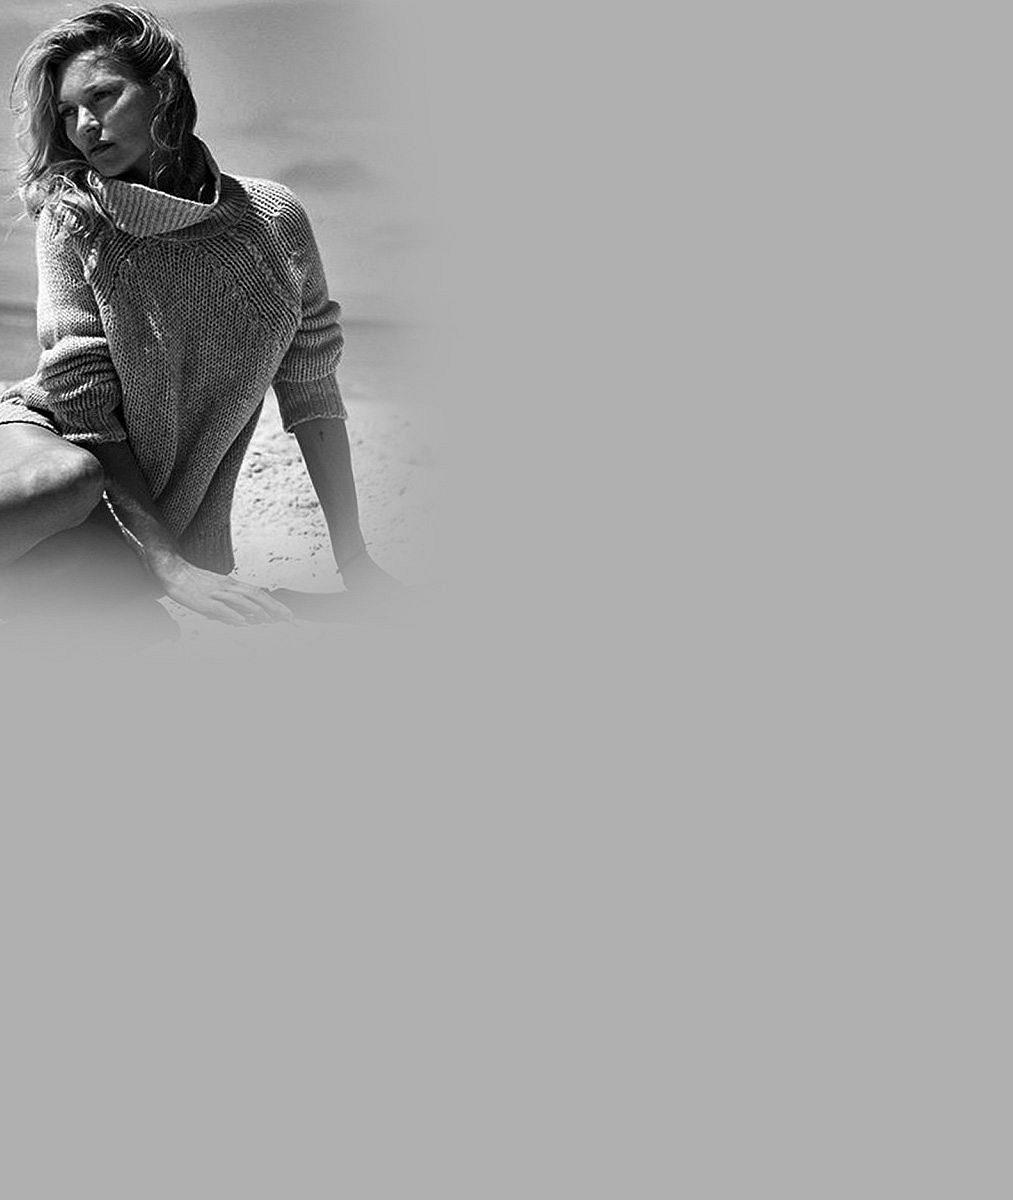 Její ňadra už stejně viděl celý svět. Tak proč by je Kate Moss (43) nenechala prosvítat v lehounkém overalu?